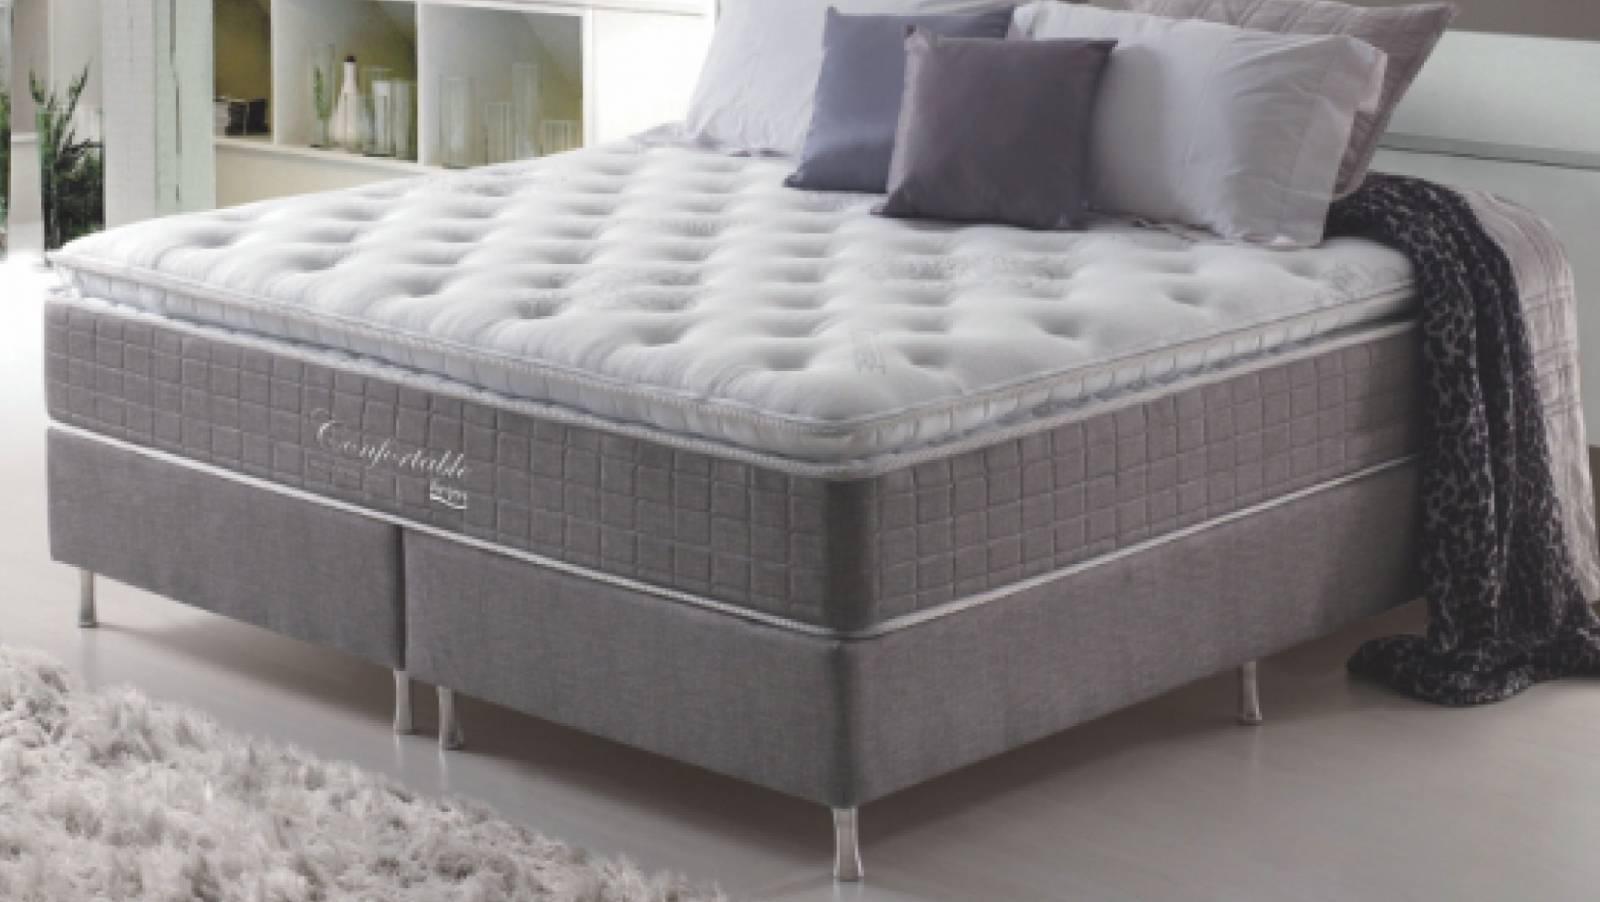 Conjunto Cama Box Confortable Anjos Colchões - All Home